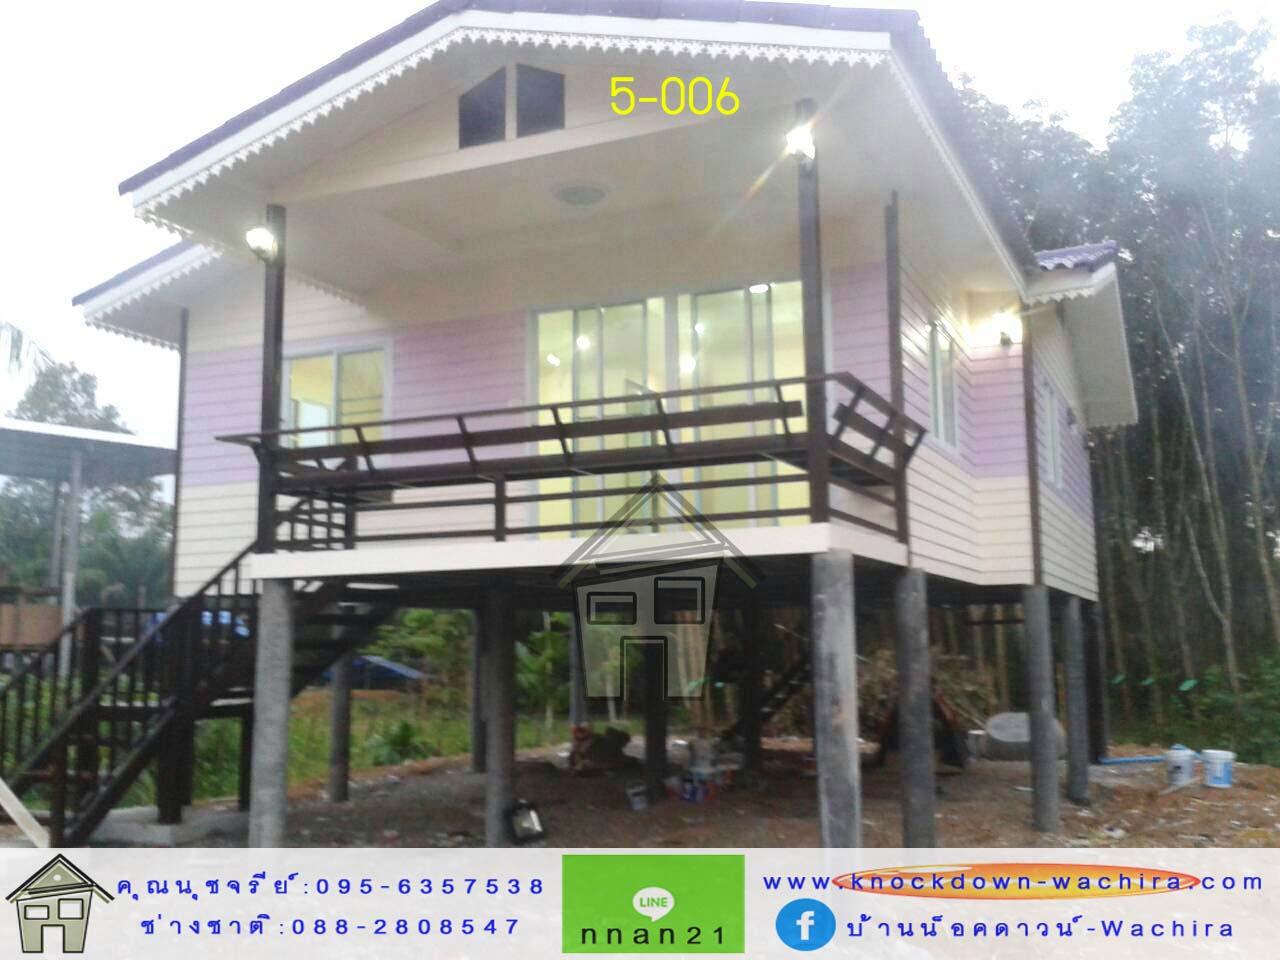 5-006 บ้านน็อคดาวน์ - ทรงจั่ว